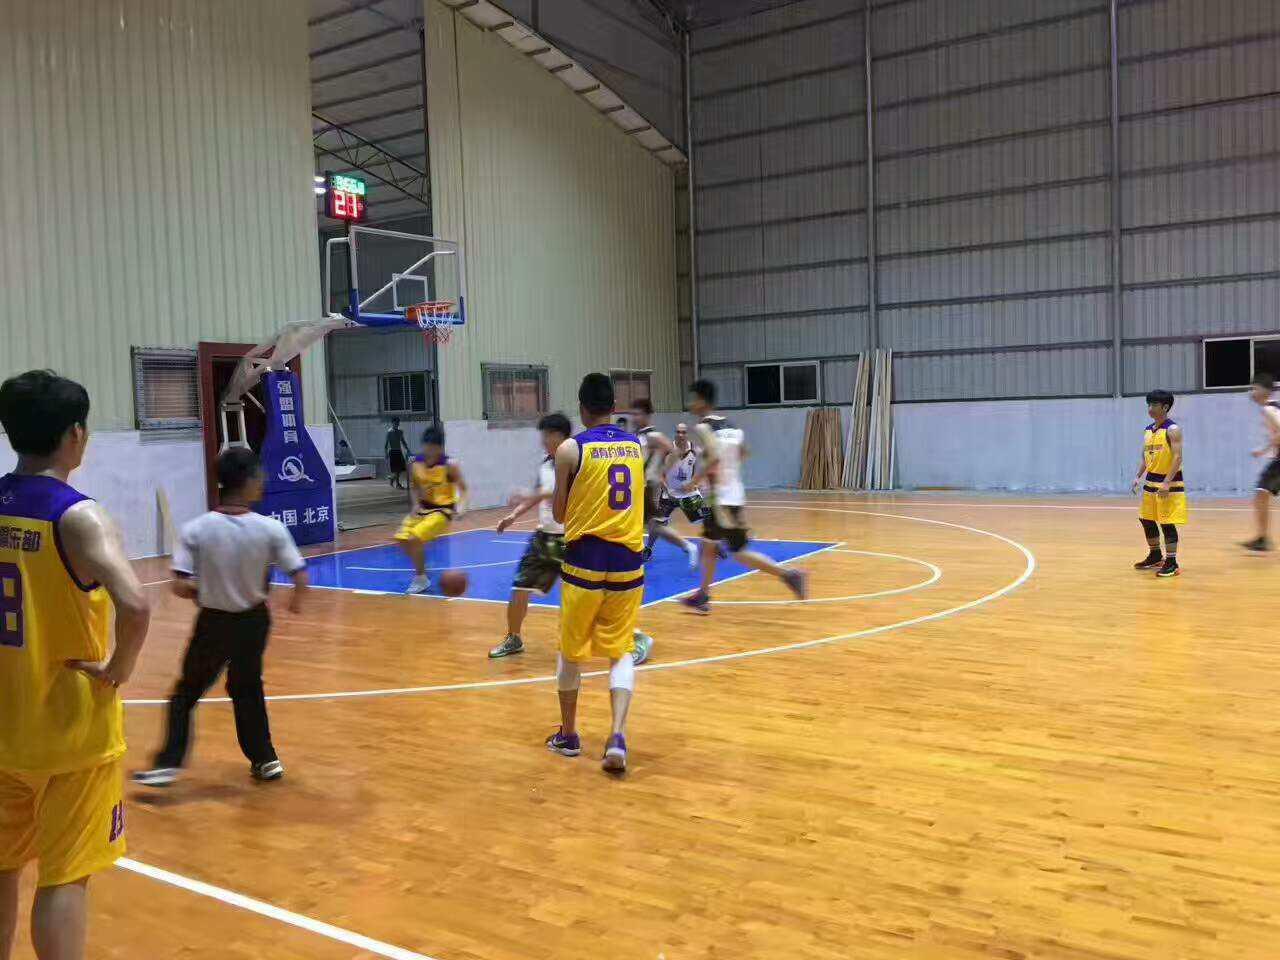 欧氏木业承接的江西赣州黄金联谊球馆开业!